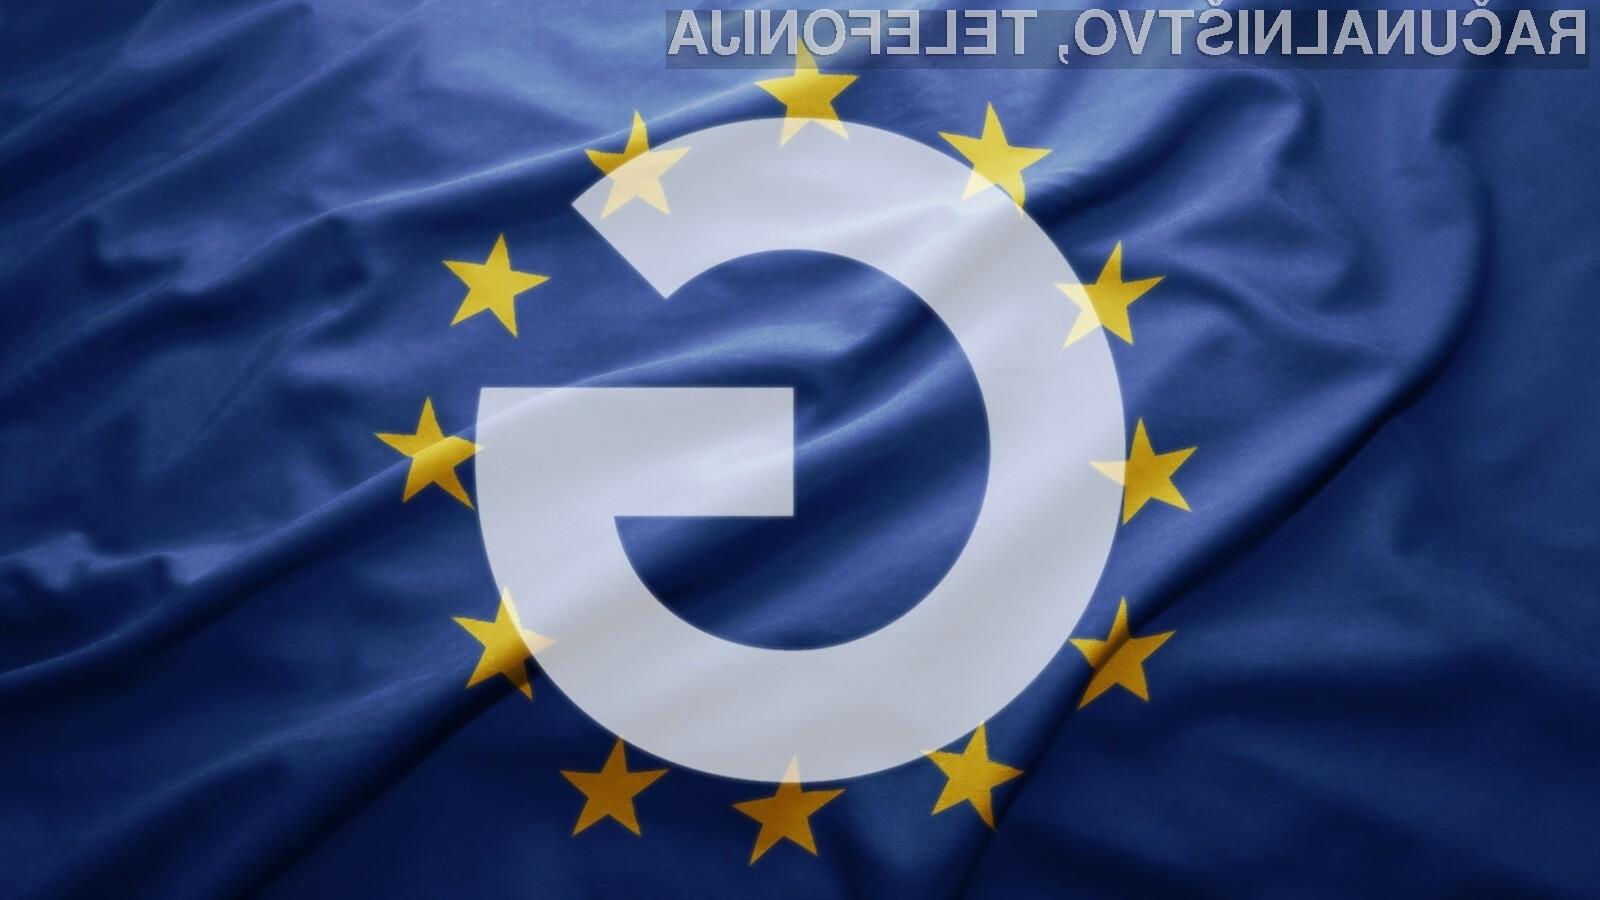 Zaradi zlorabe monopolnega položaja je podjetje Google denarna kazen v višini kar 4,34 milijarde evrov.